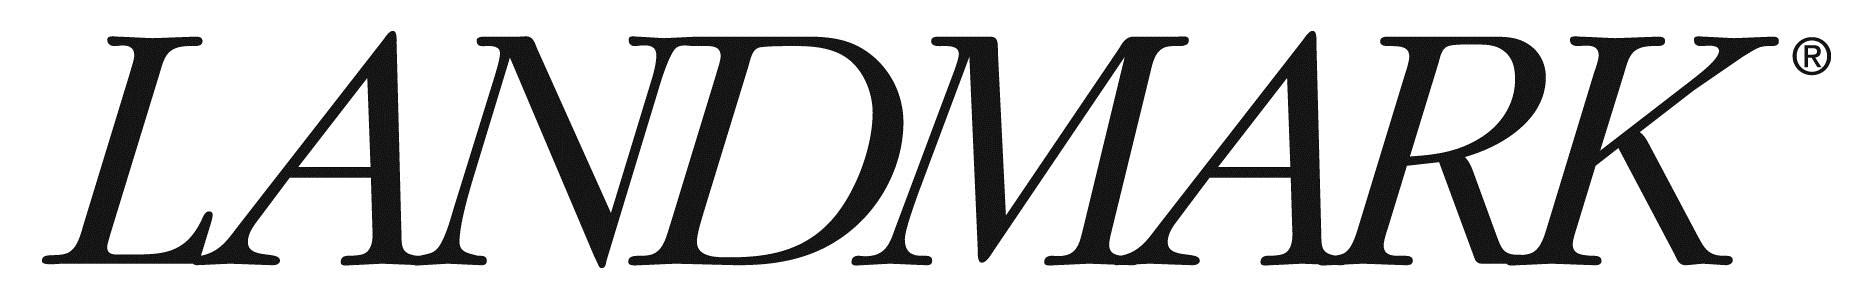 Landmark Shingles Logo